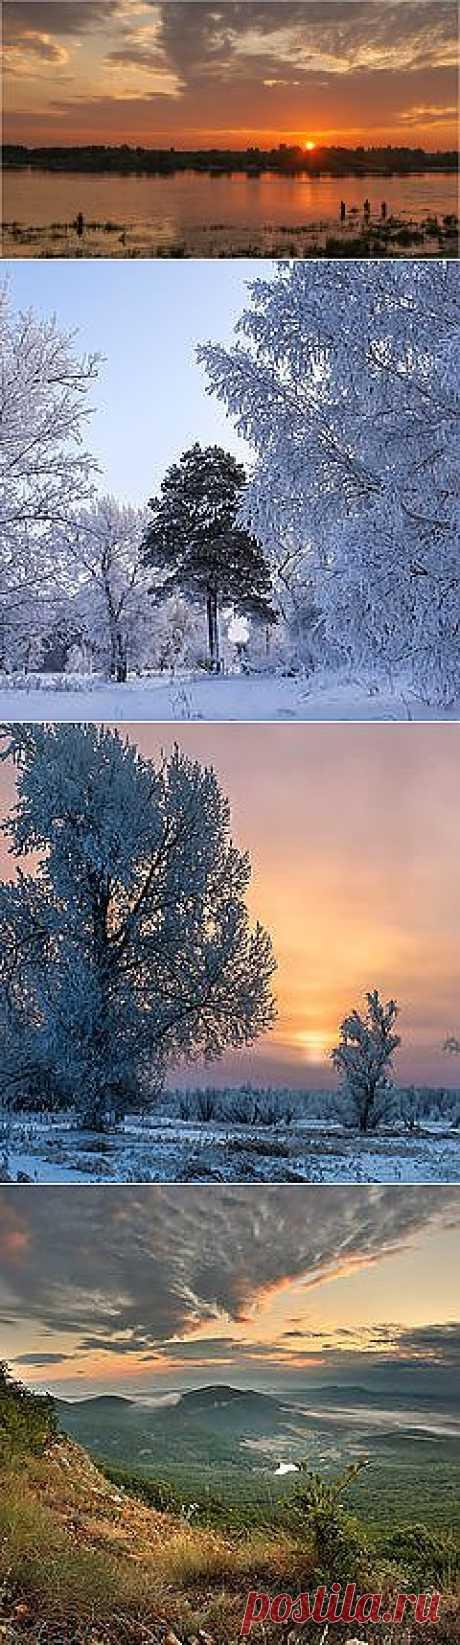 Фото Клевое место - фотограф Сергей Власов - пейзаж, природа - ФотоФорум.ру